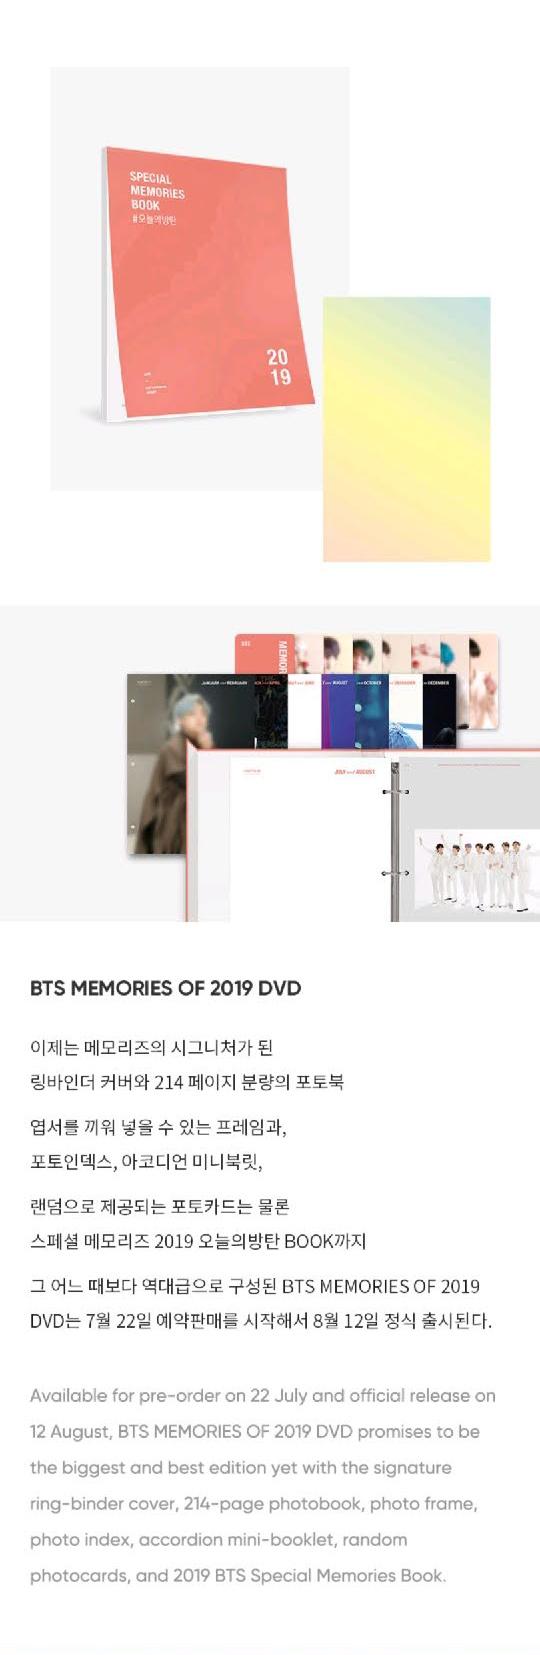 bts-memories_of_2019-4